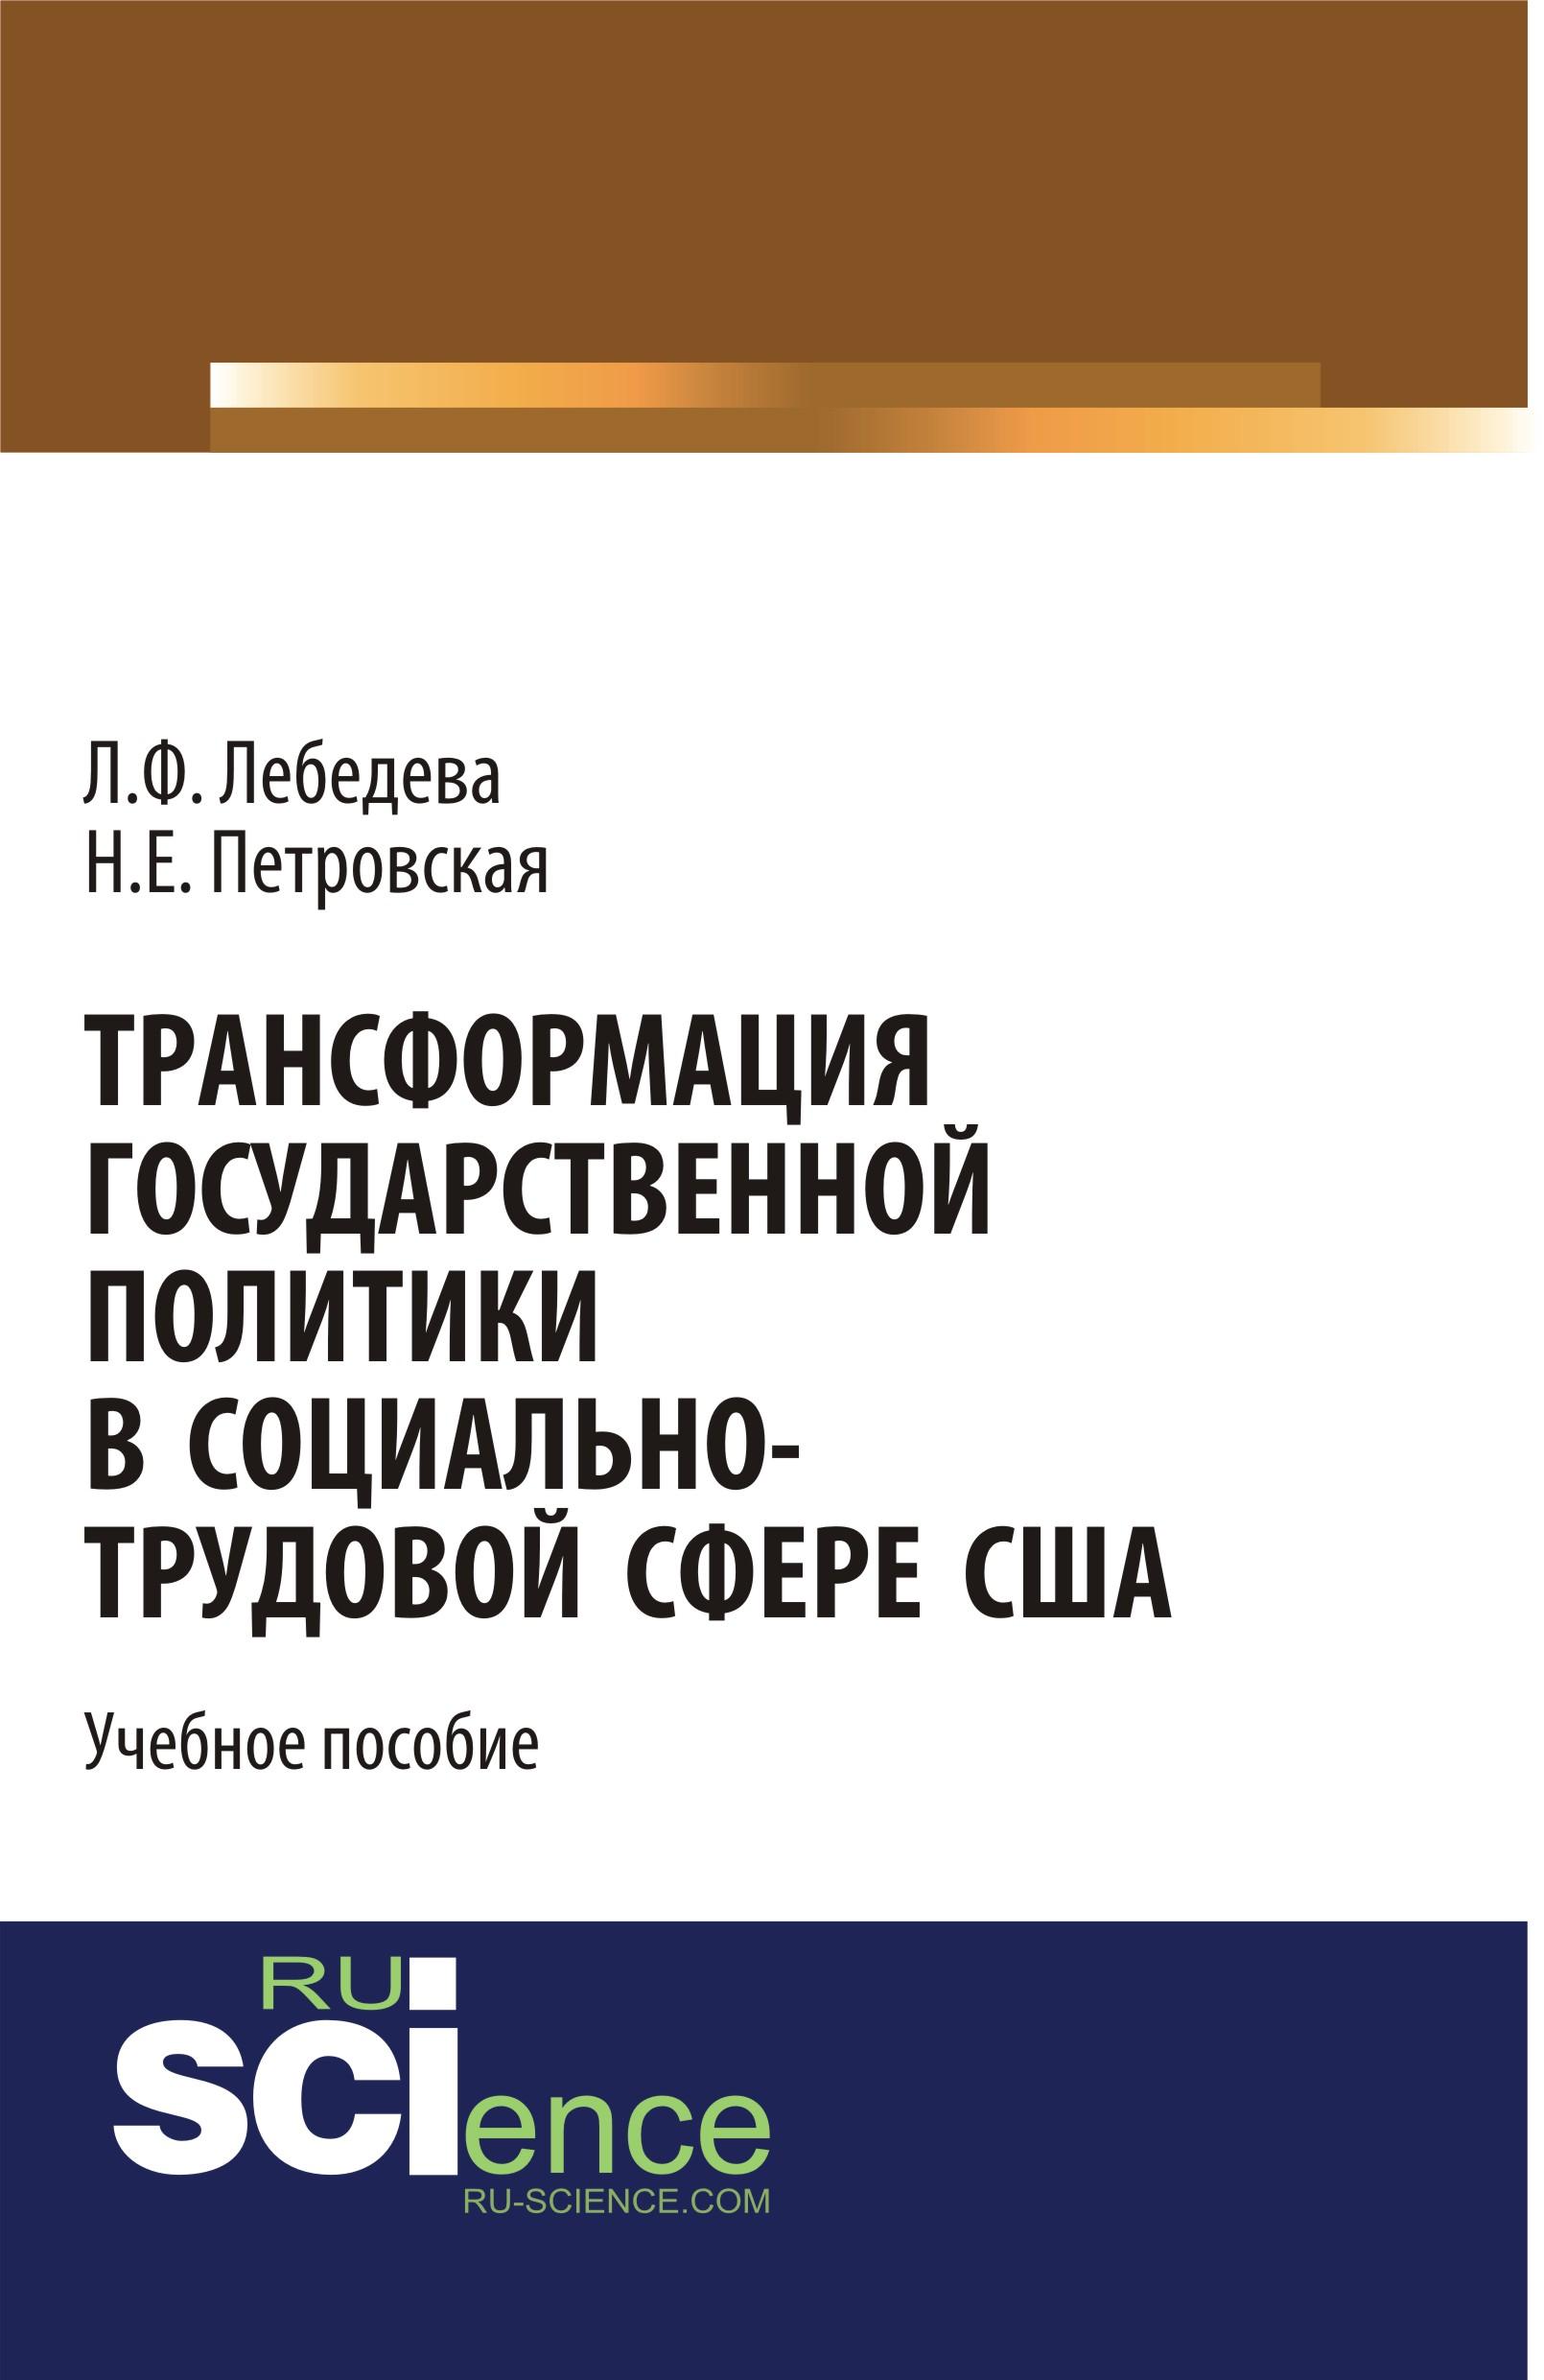 Людмила Федоровна Лебедева Трансформация государственной политики в социально-трудовой сфере США